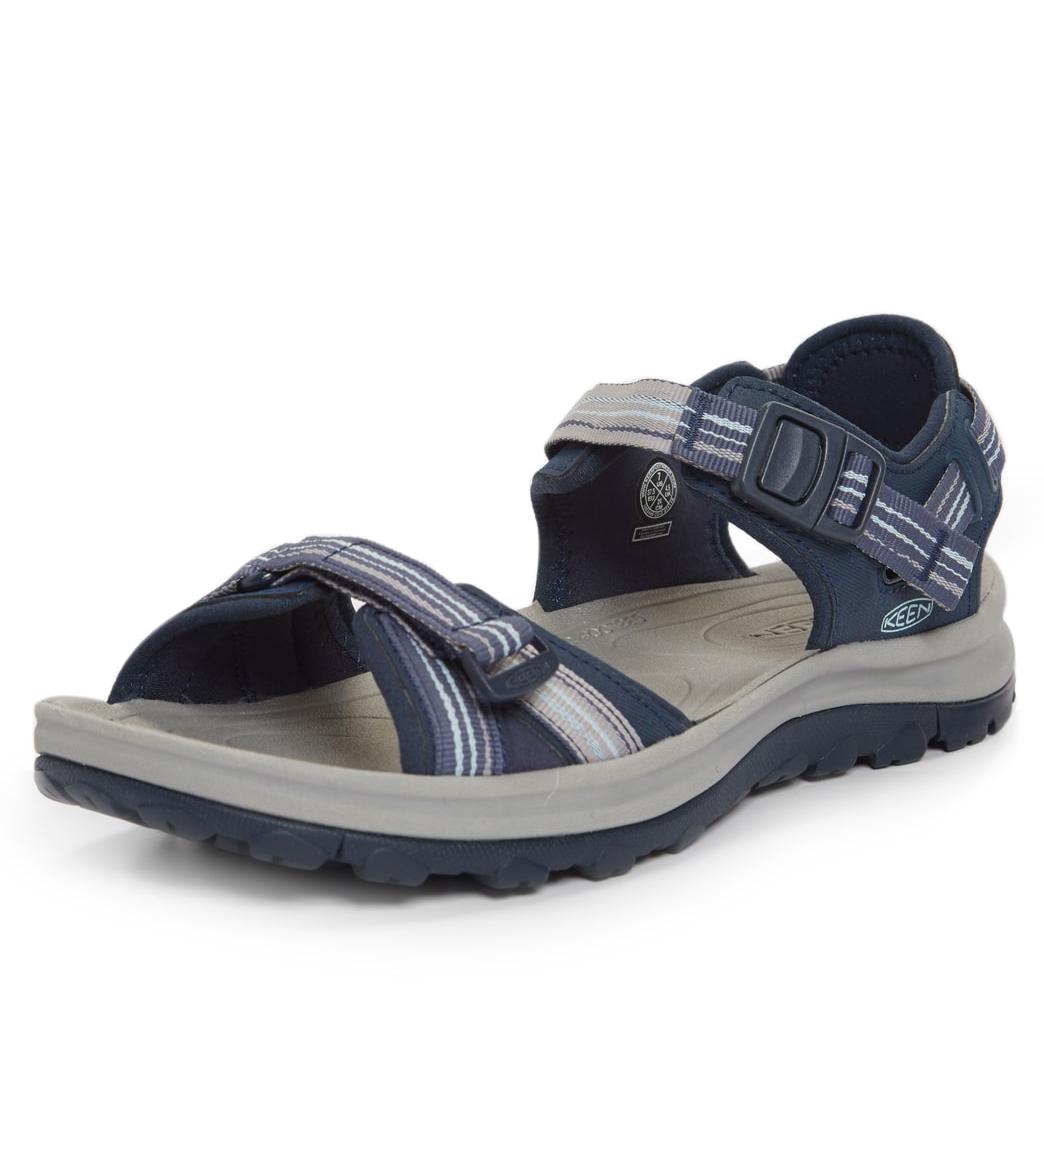 keen open toe sandals womens